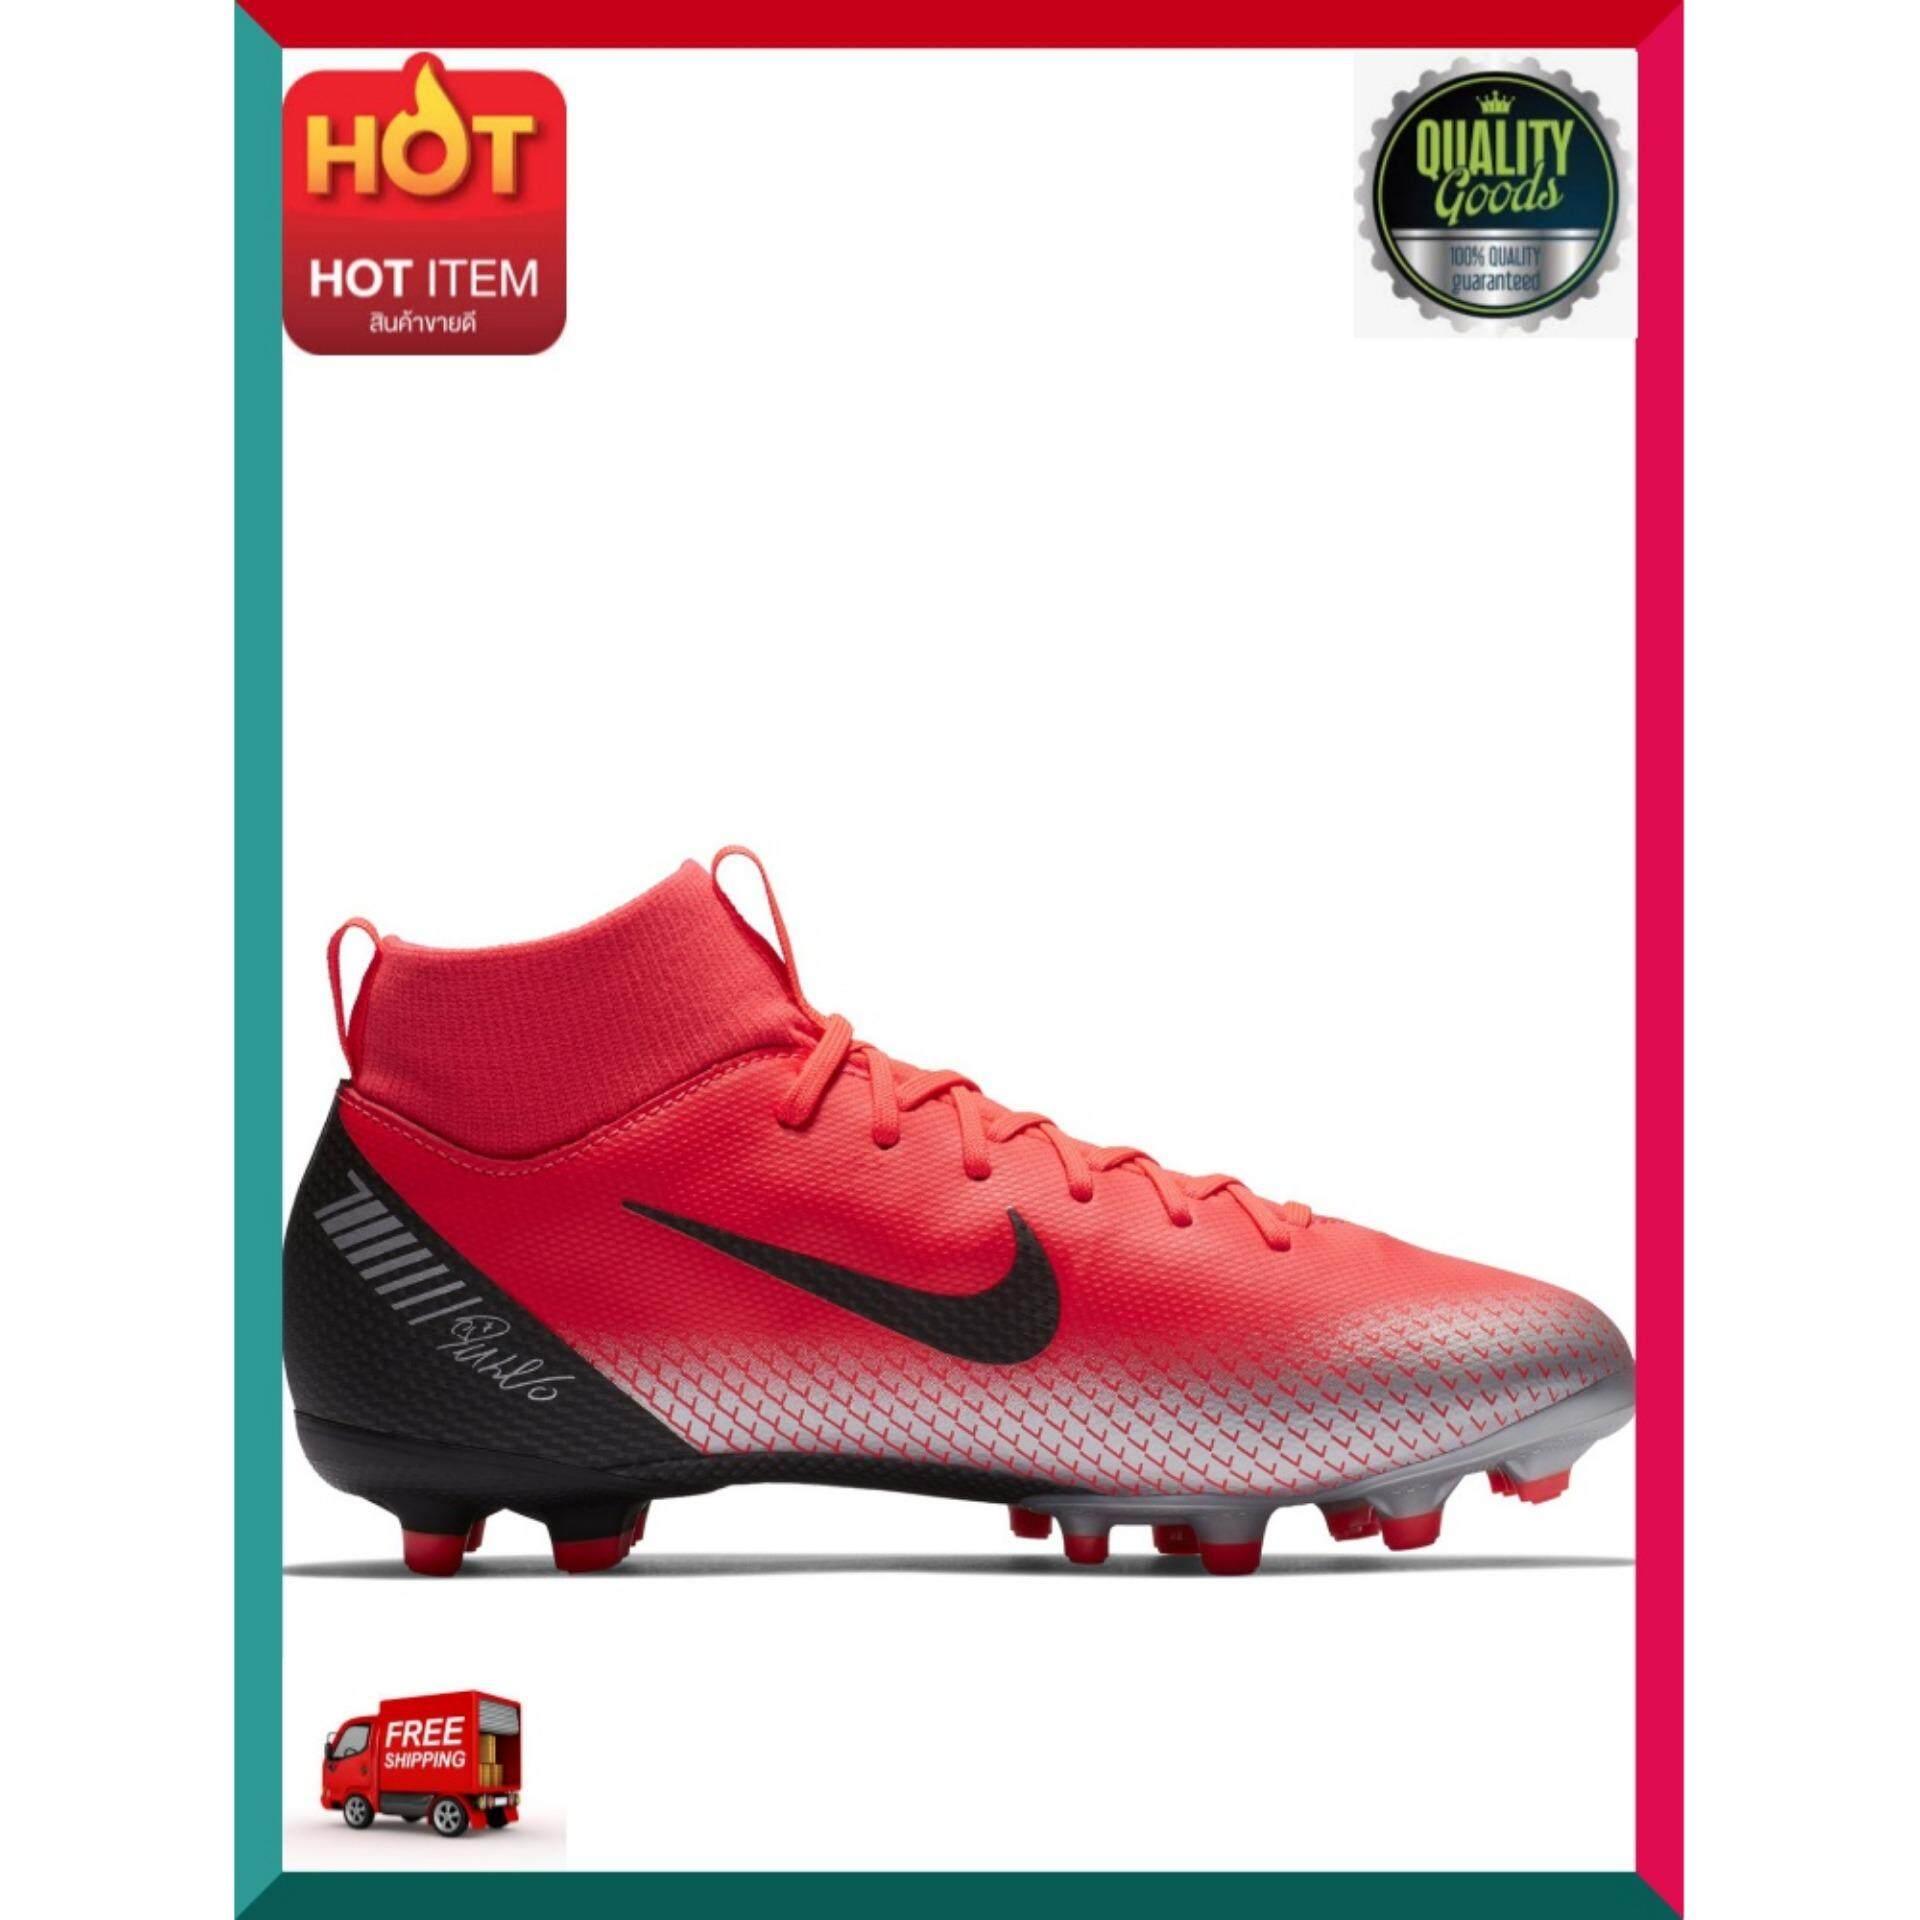 ด่วน! ของมีจำนวนจำกัด Nike รองเท้าฟุตบอลเด็กผู้ชาย Cr7 Jr. Superfly 6 Academy (mg) Aj3111-600 ไซส์ 5y สีbright Crimson-Black-Chrome-Dark Greyของมี สินค้าคุณภาพ By Happy Mindset.